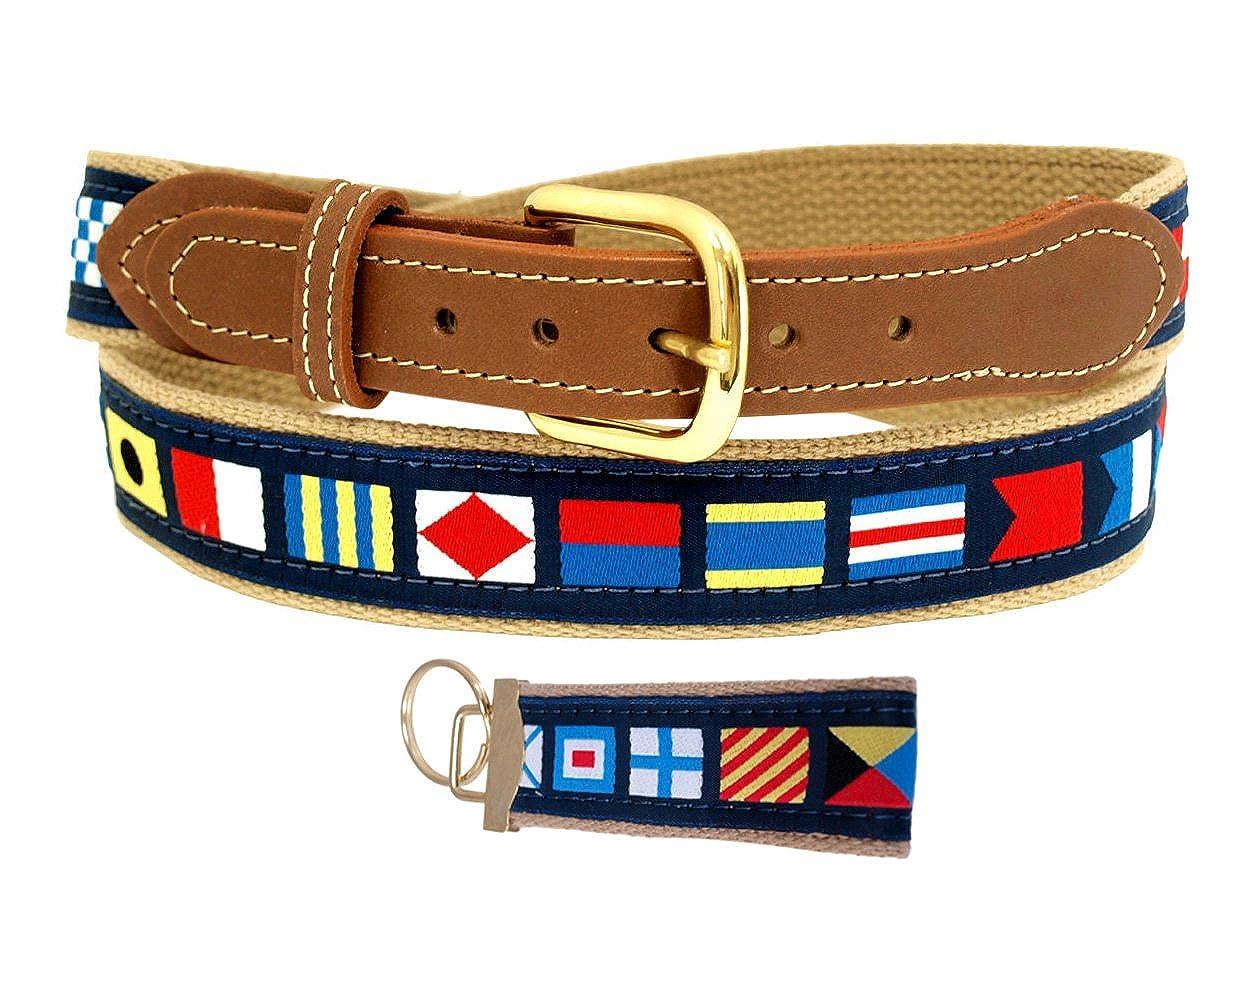 Nautical Code Flag Belt on Khaki Web with FREE Keychain